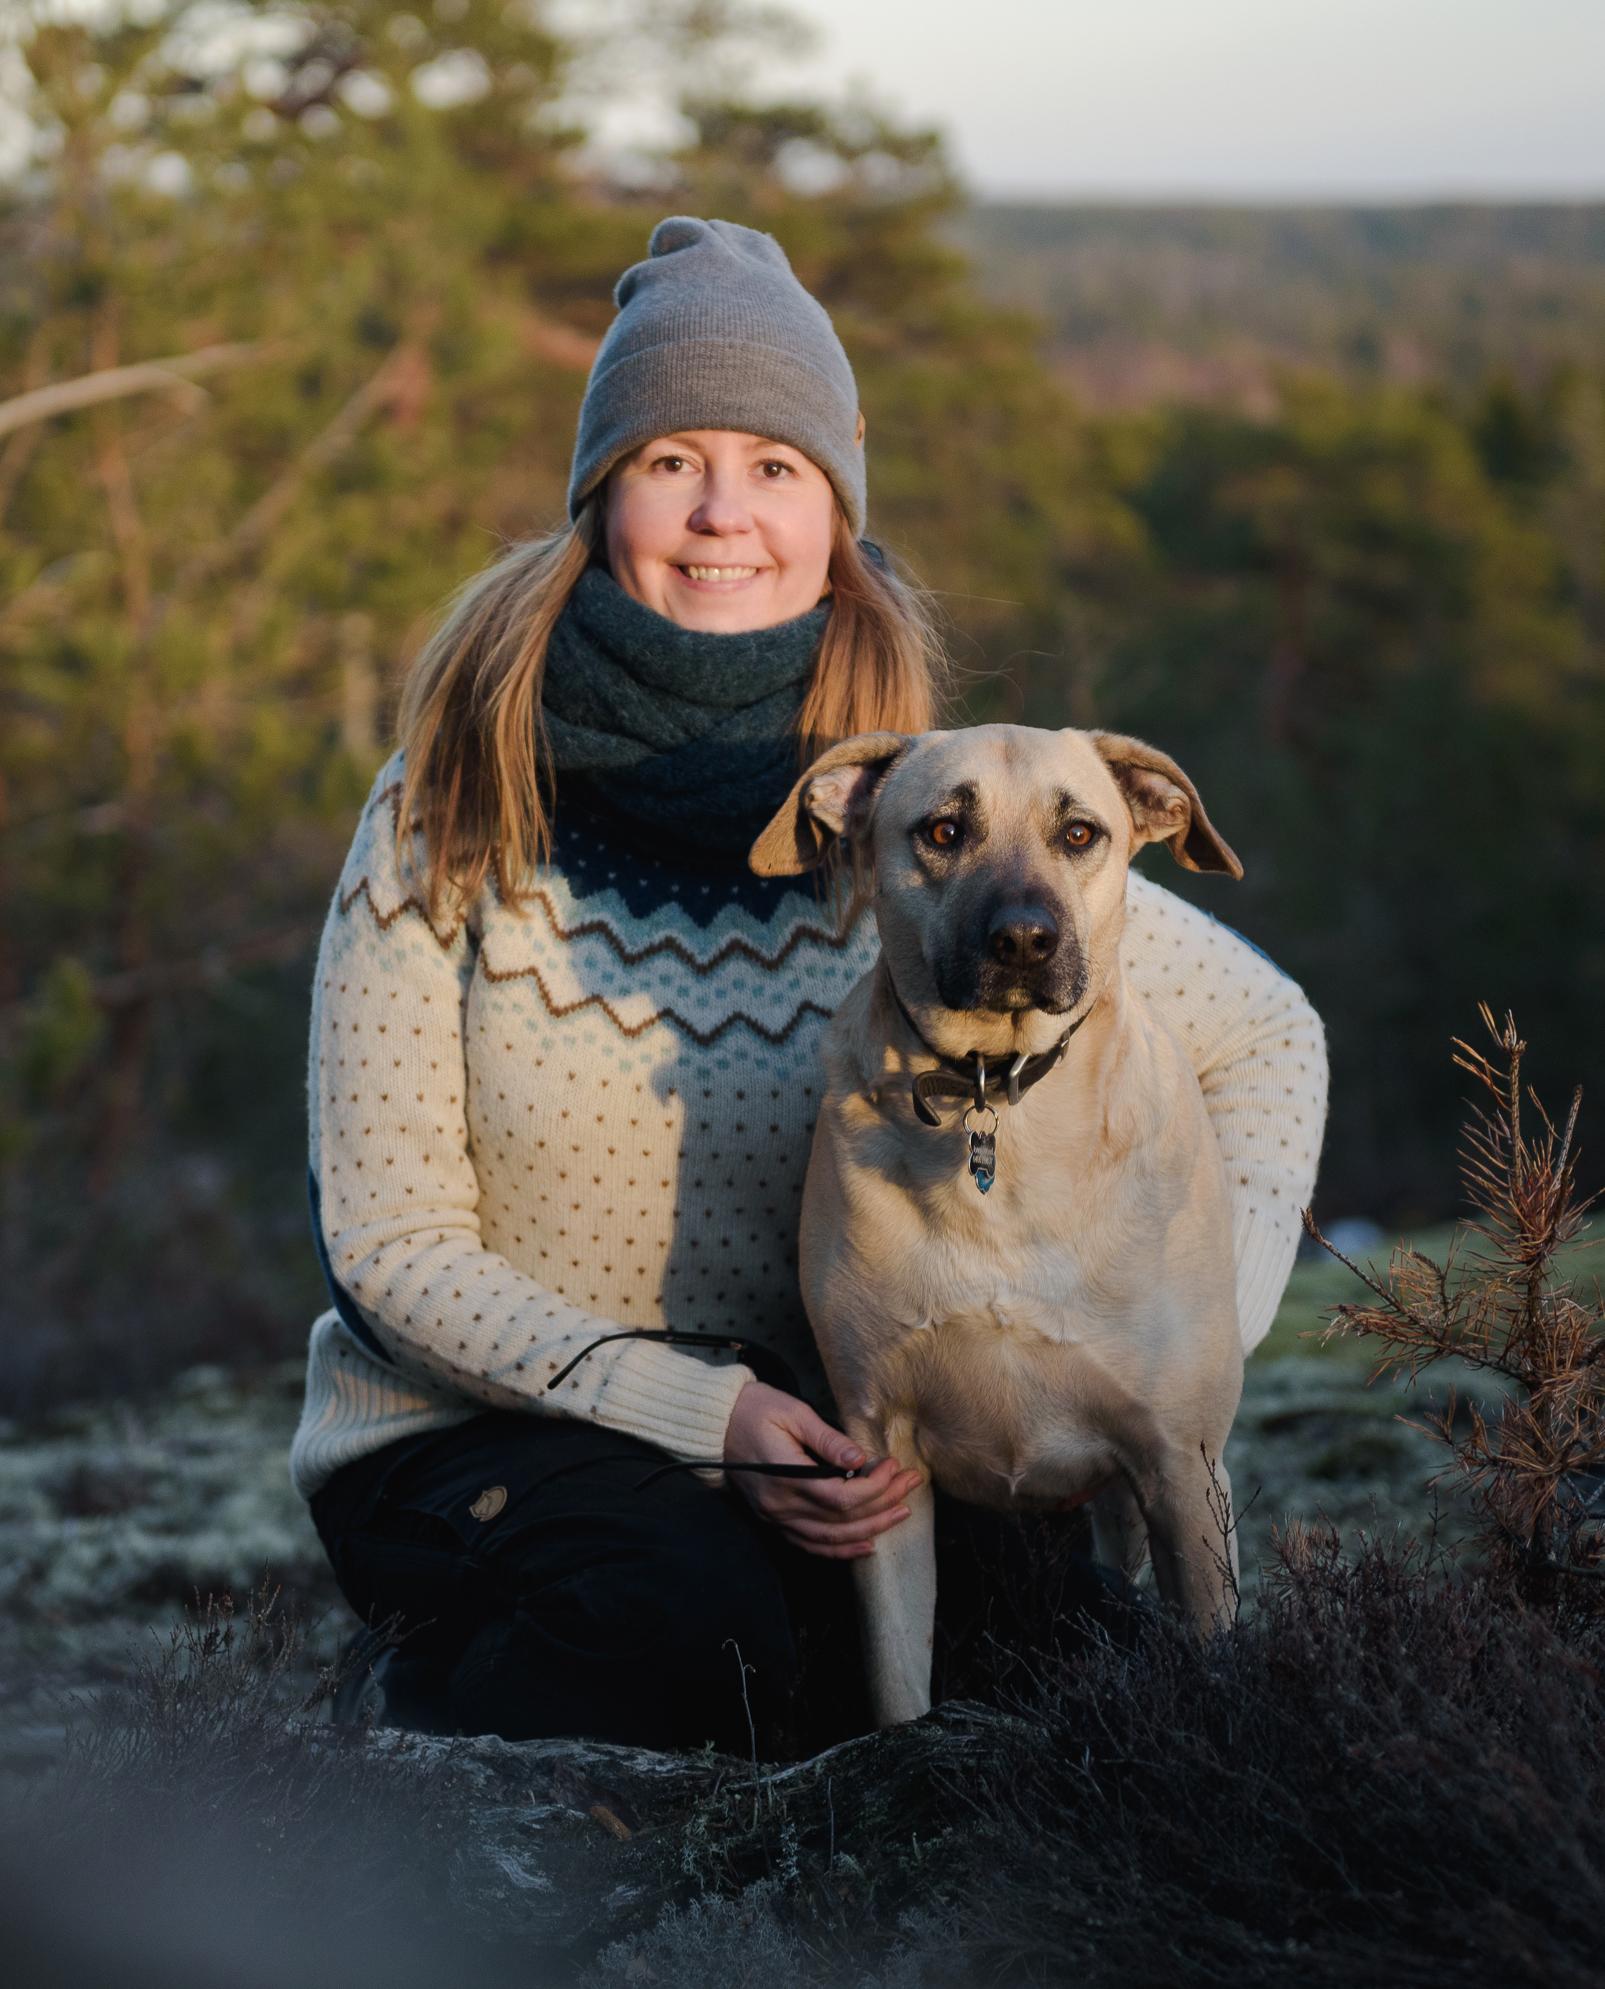 Jonna Wood, nainen kyykyssä kalliolla, vieressä vaalea koira